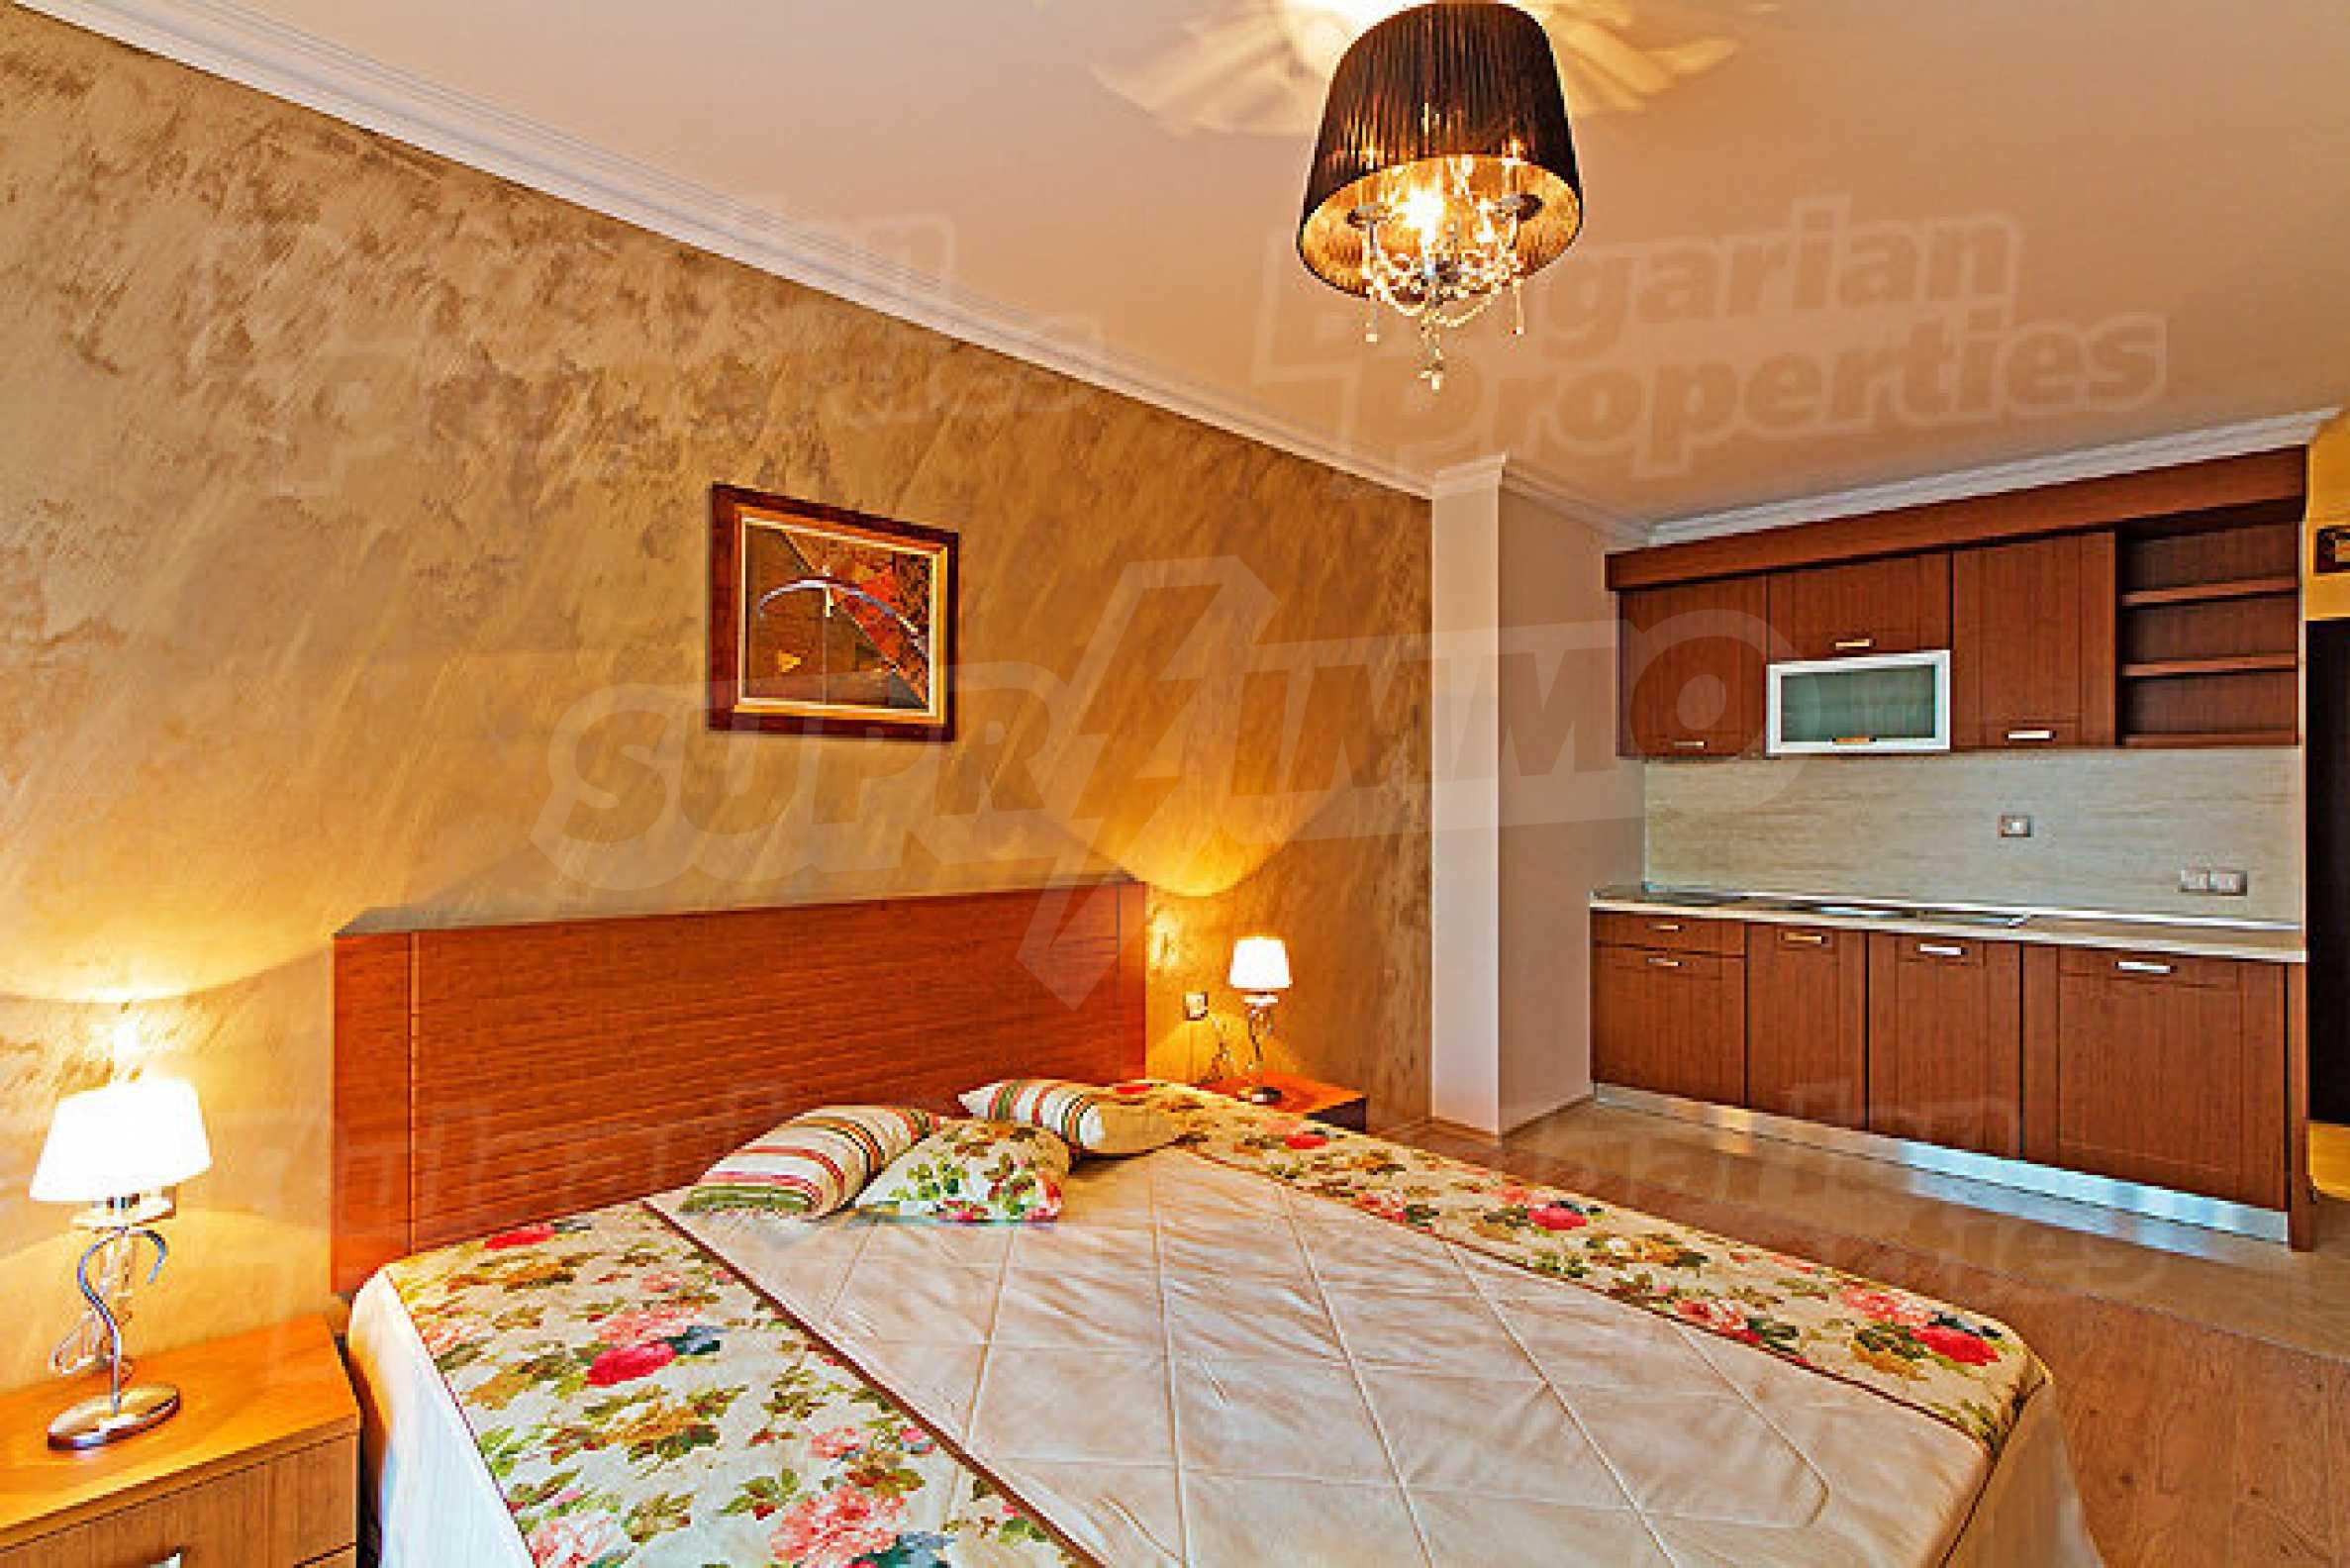 Апартаменти различни типове на метри от плажа 32